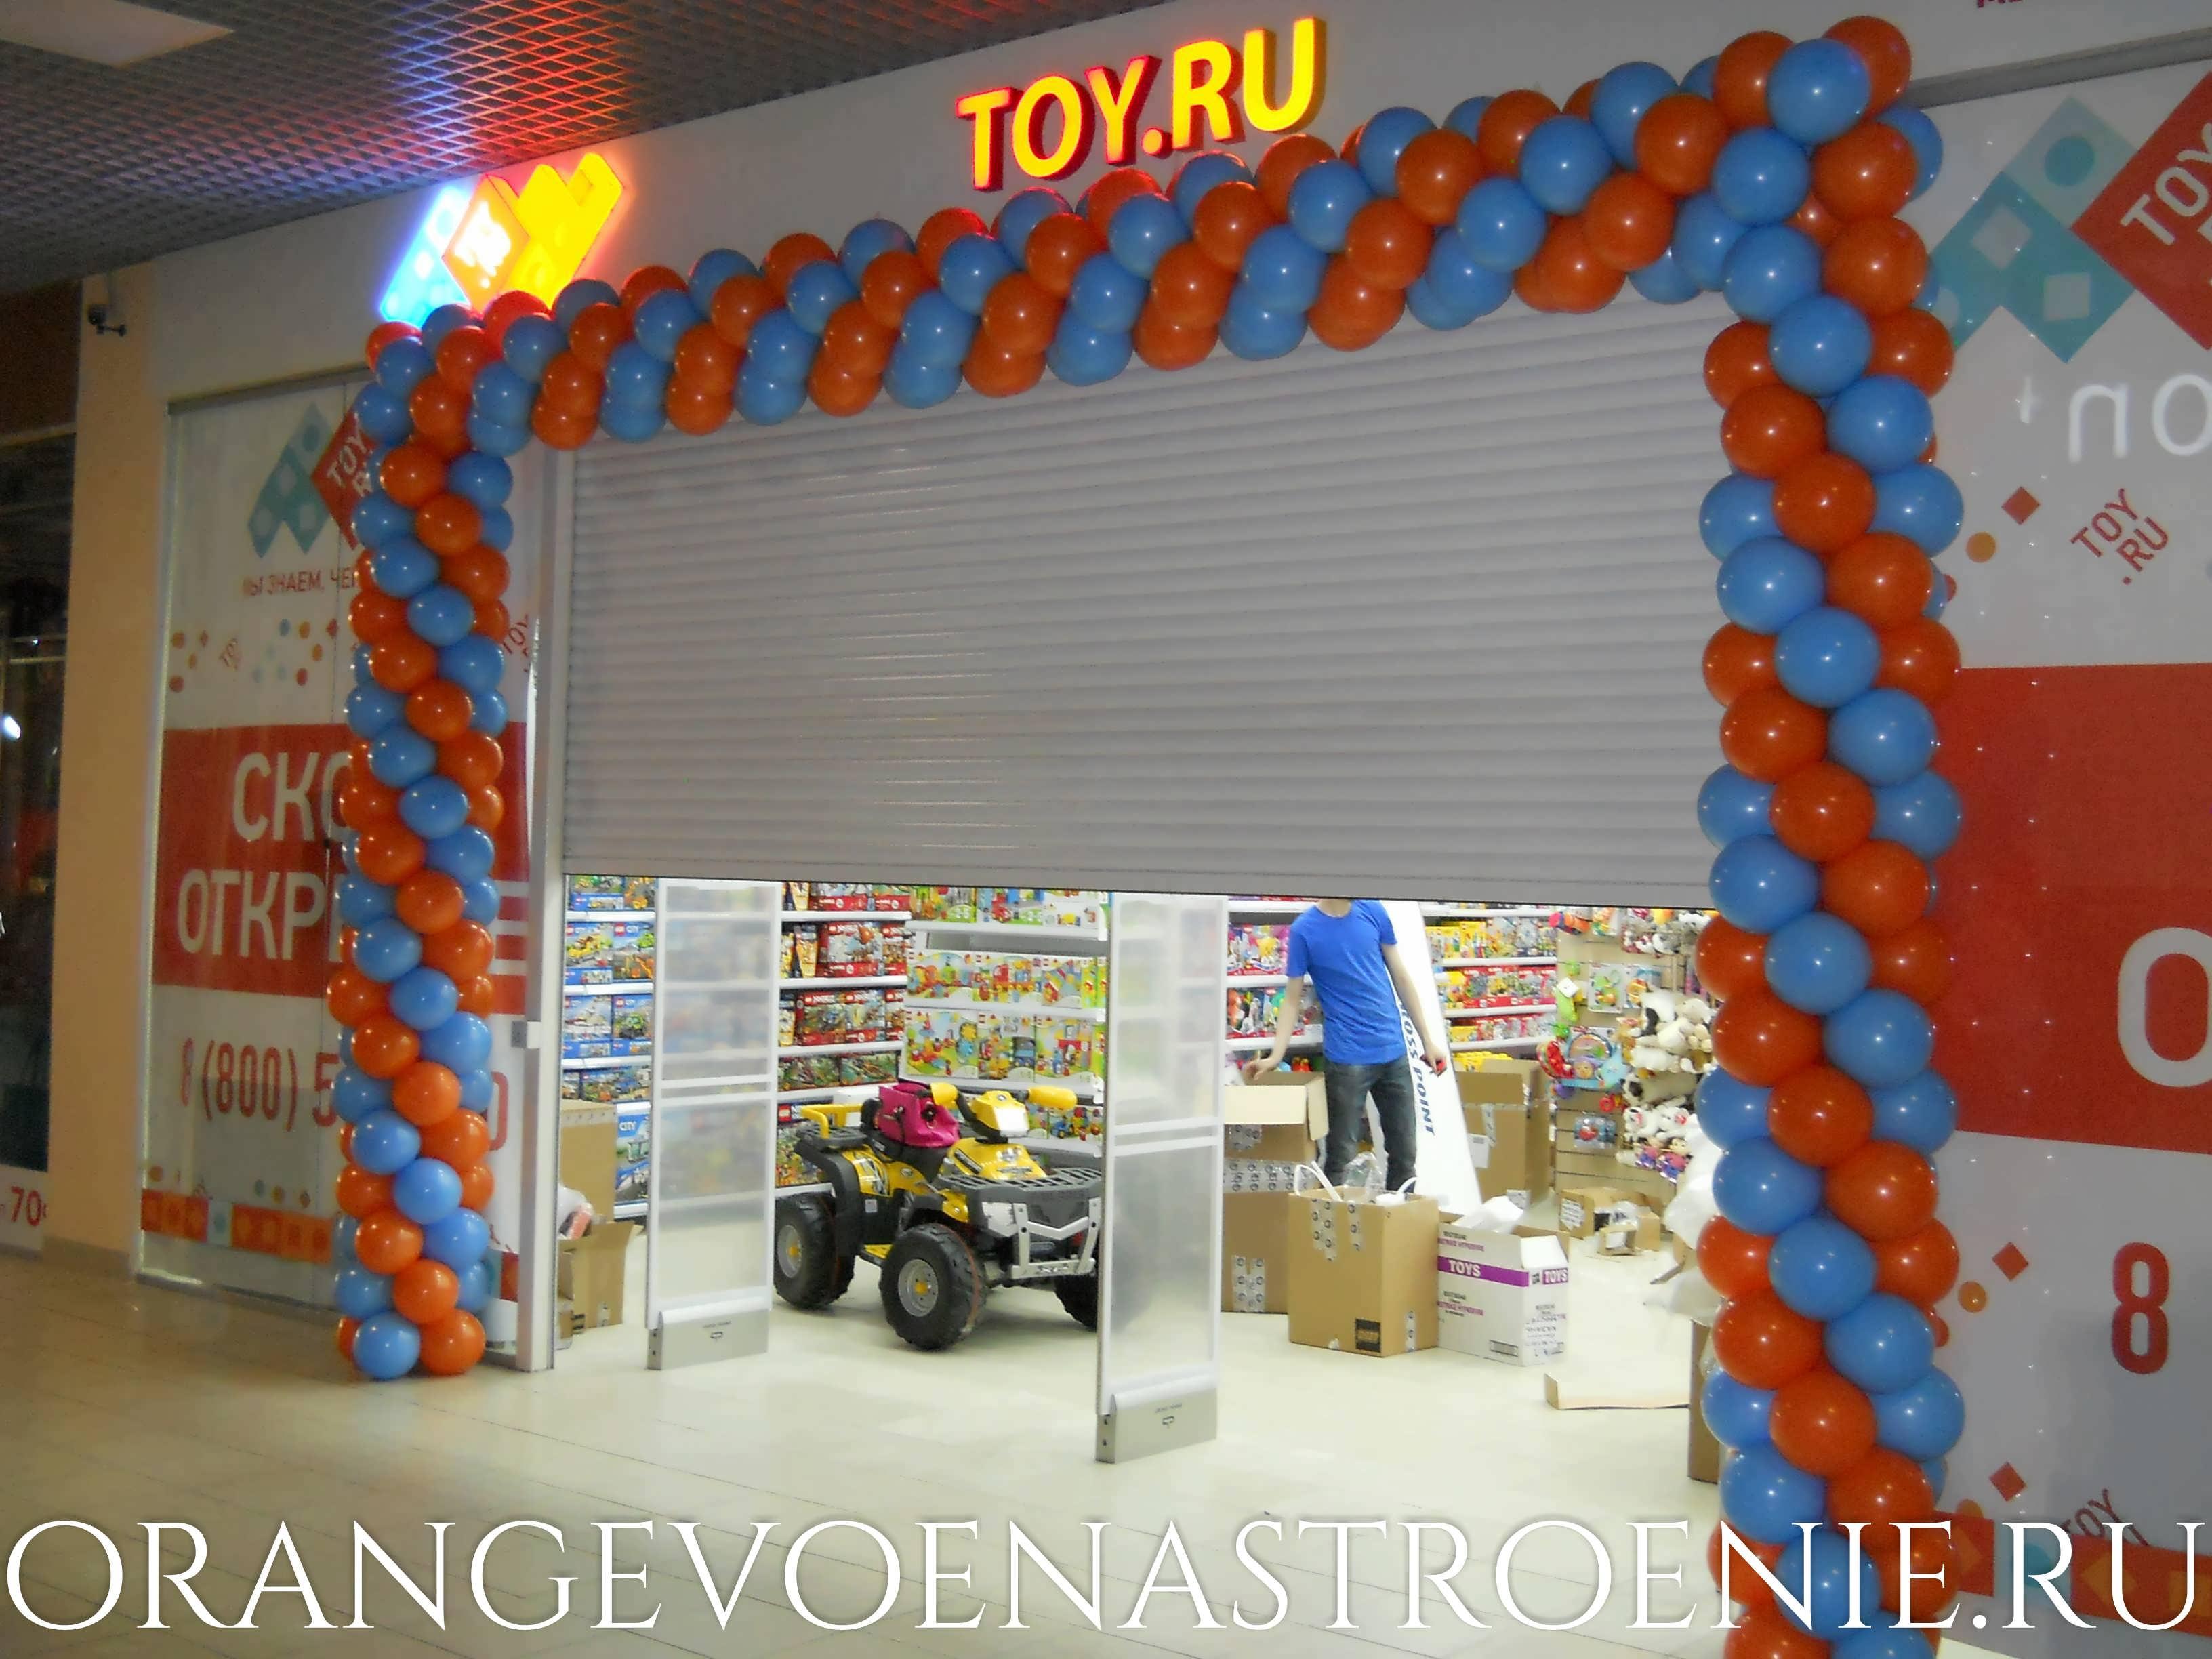 Шары на открытие магазина. крашение входной группы шарами. toy.ru